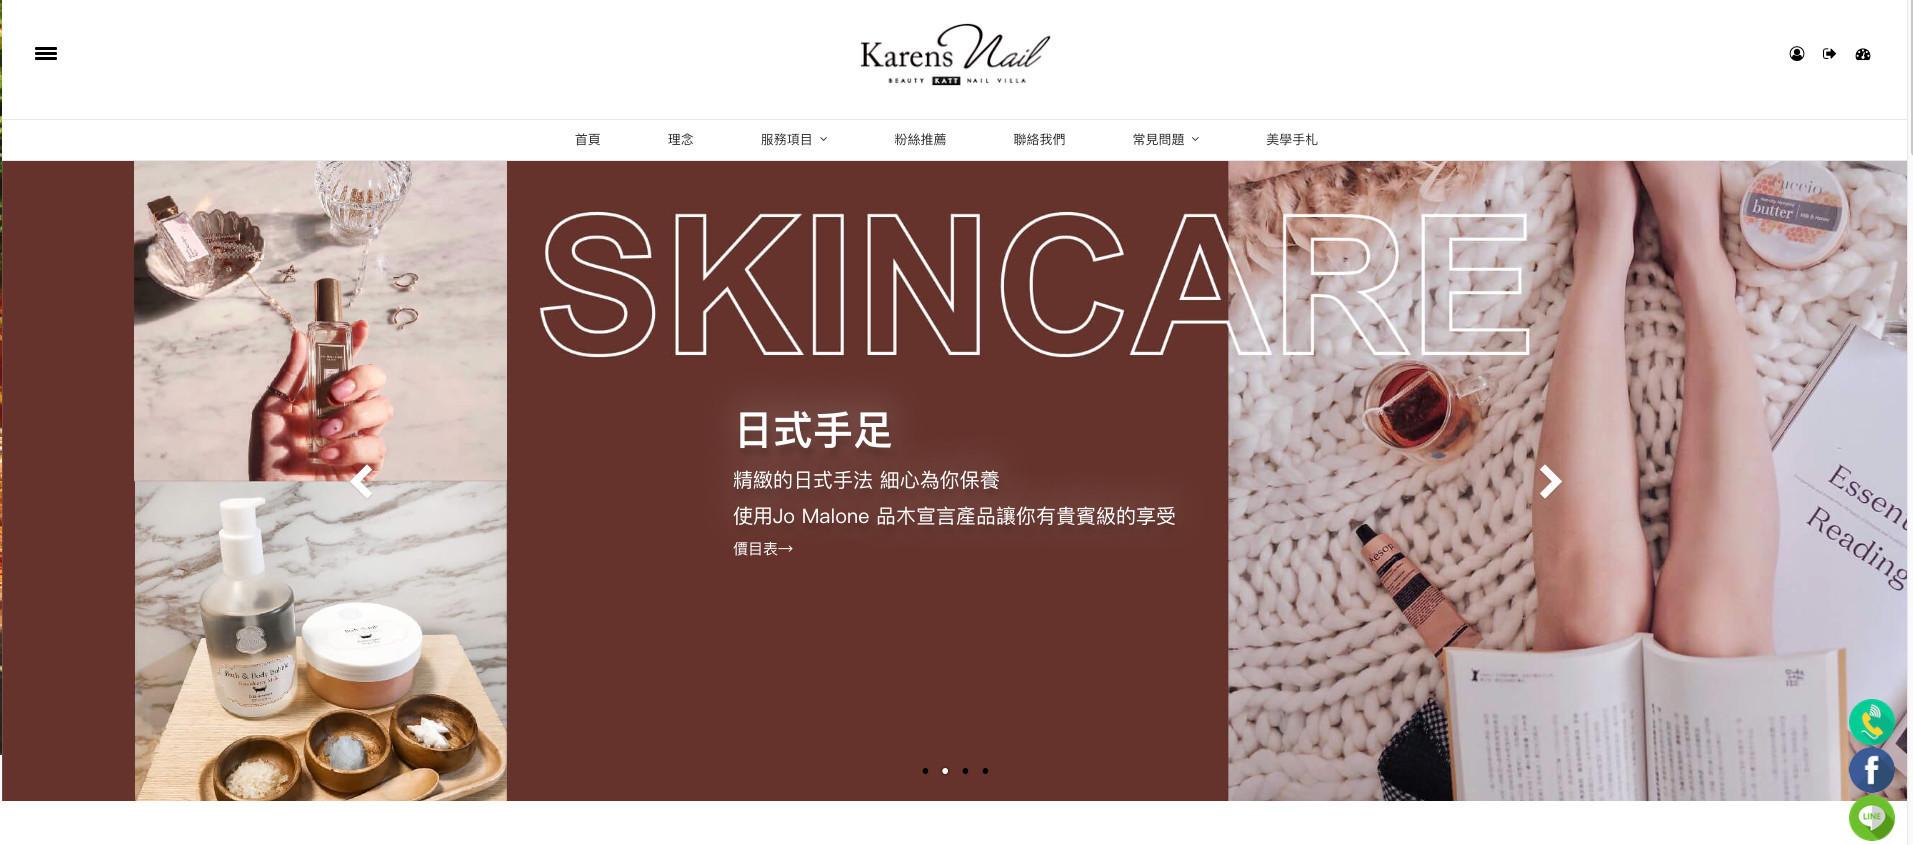 凱婷karen's指甲莊園-無痛熱蠟除毛專家首頁|鯊客科技網站設計SEO優化成功案例